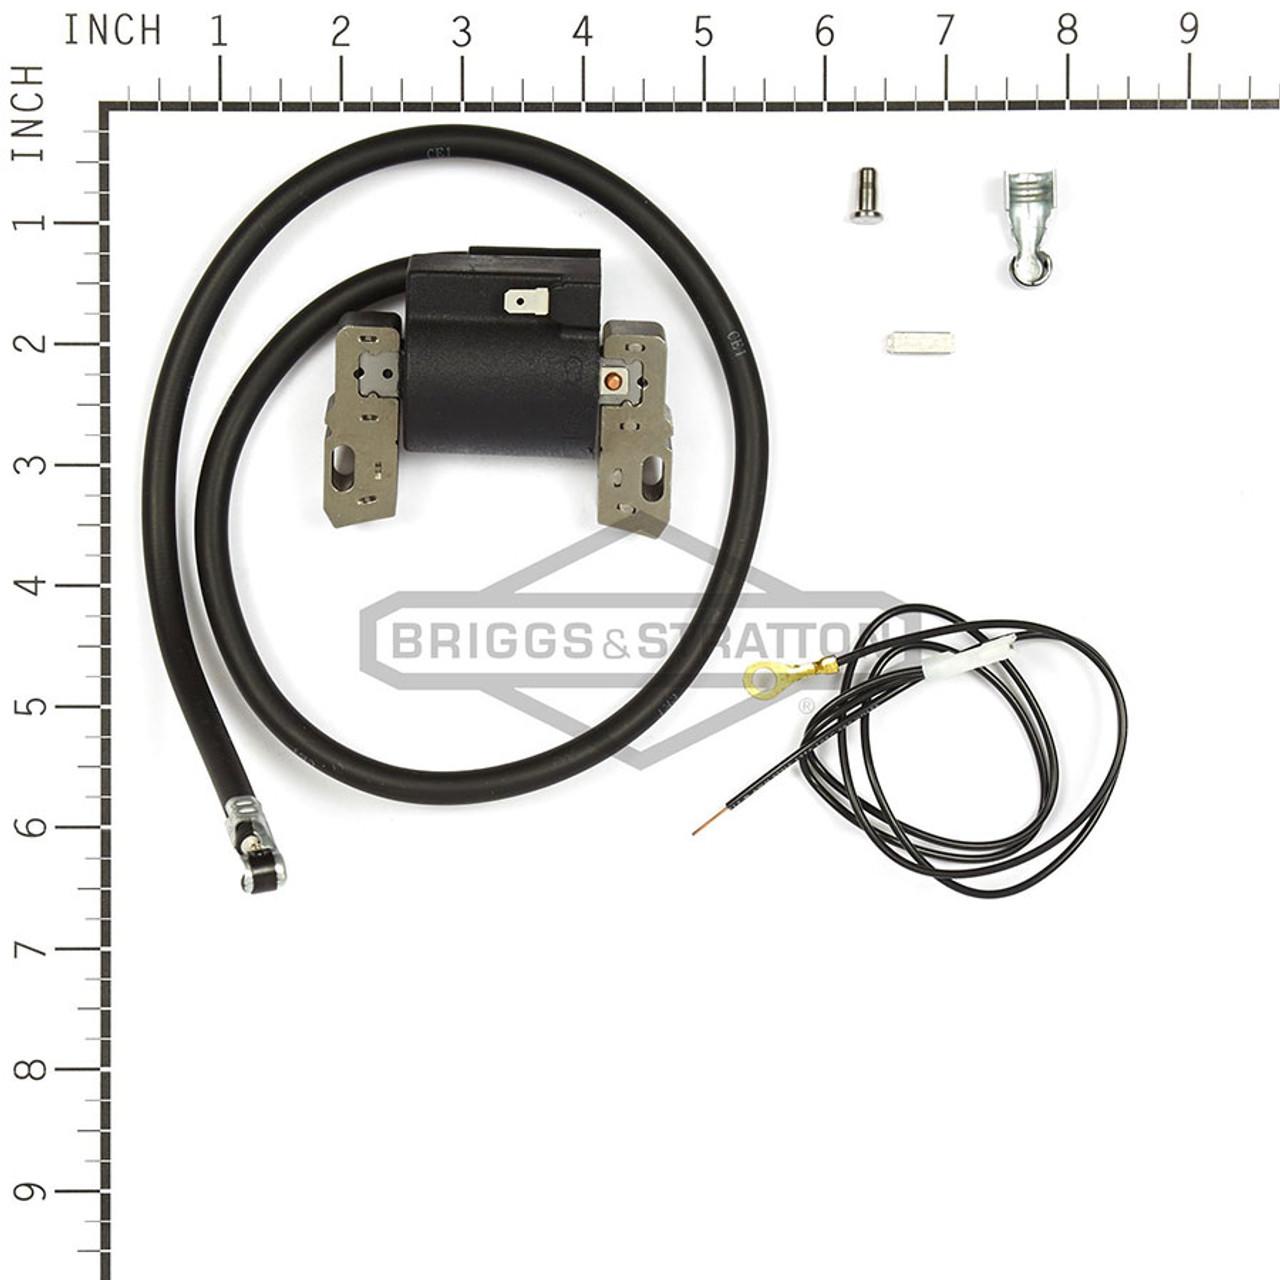 397358 brigg wiring diagram [ 900 x 900 Pixel ]